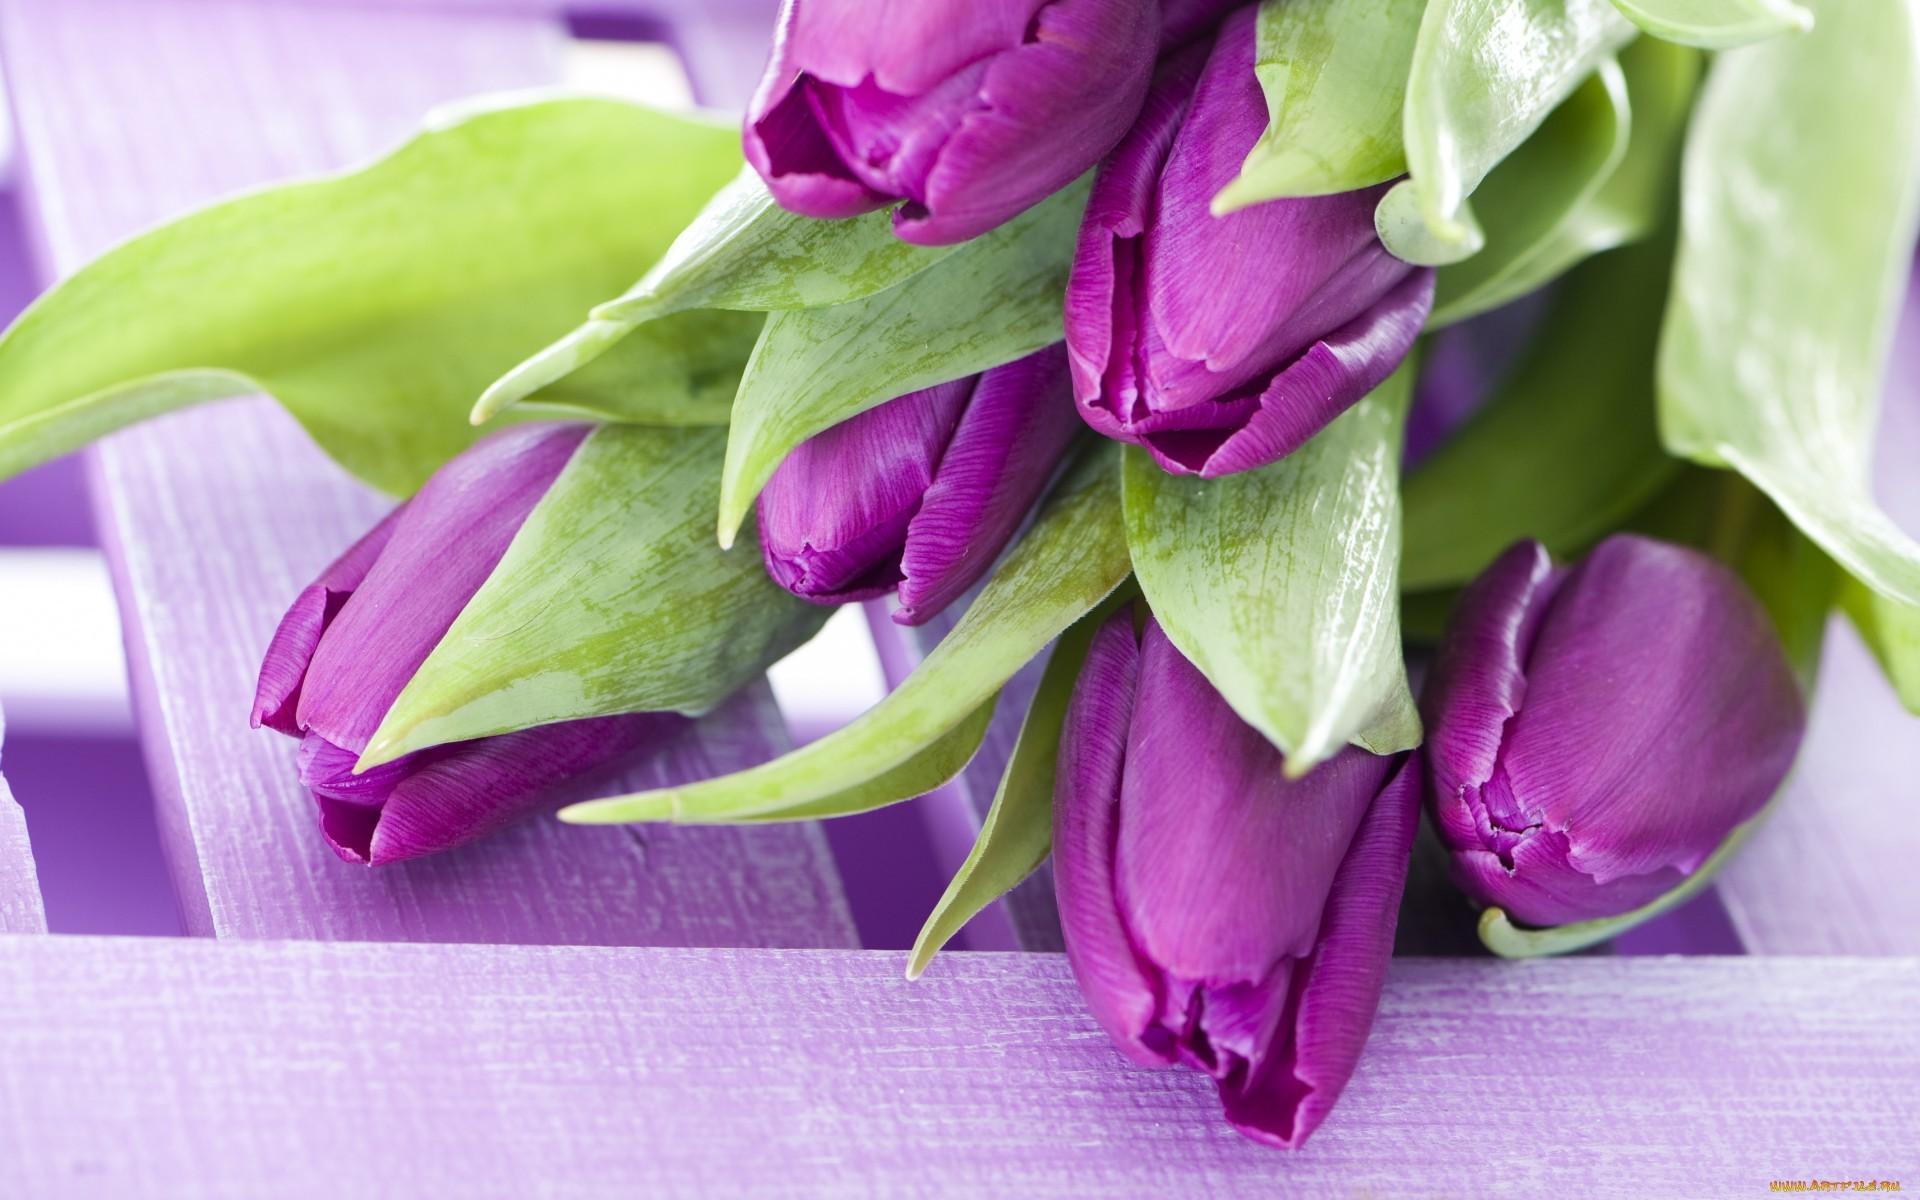 17681 скачать обои Тюльпаны, Растения, Цветы - заставки и картинки бесплатно